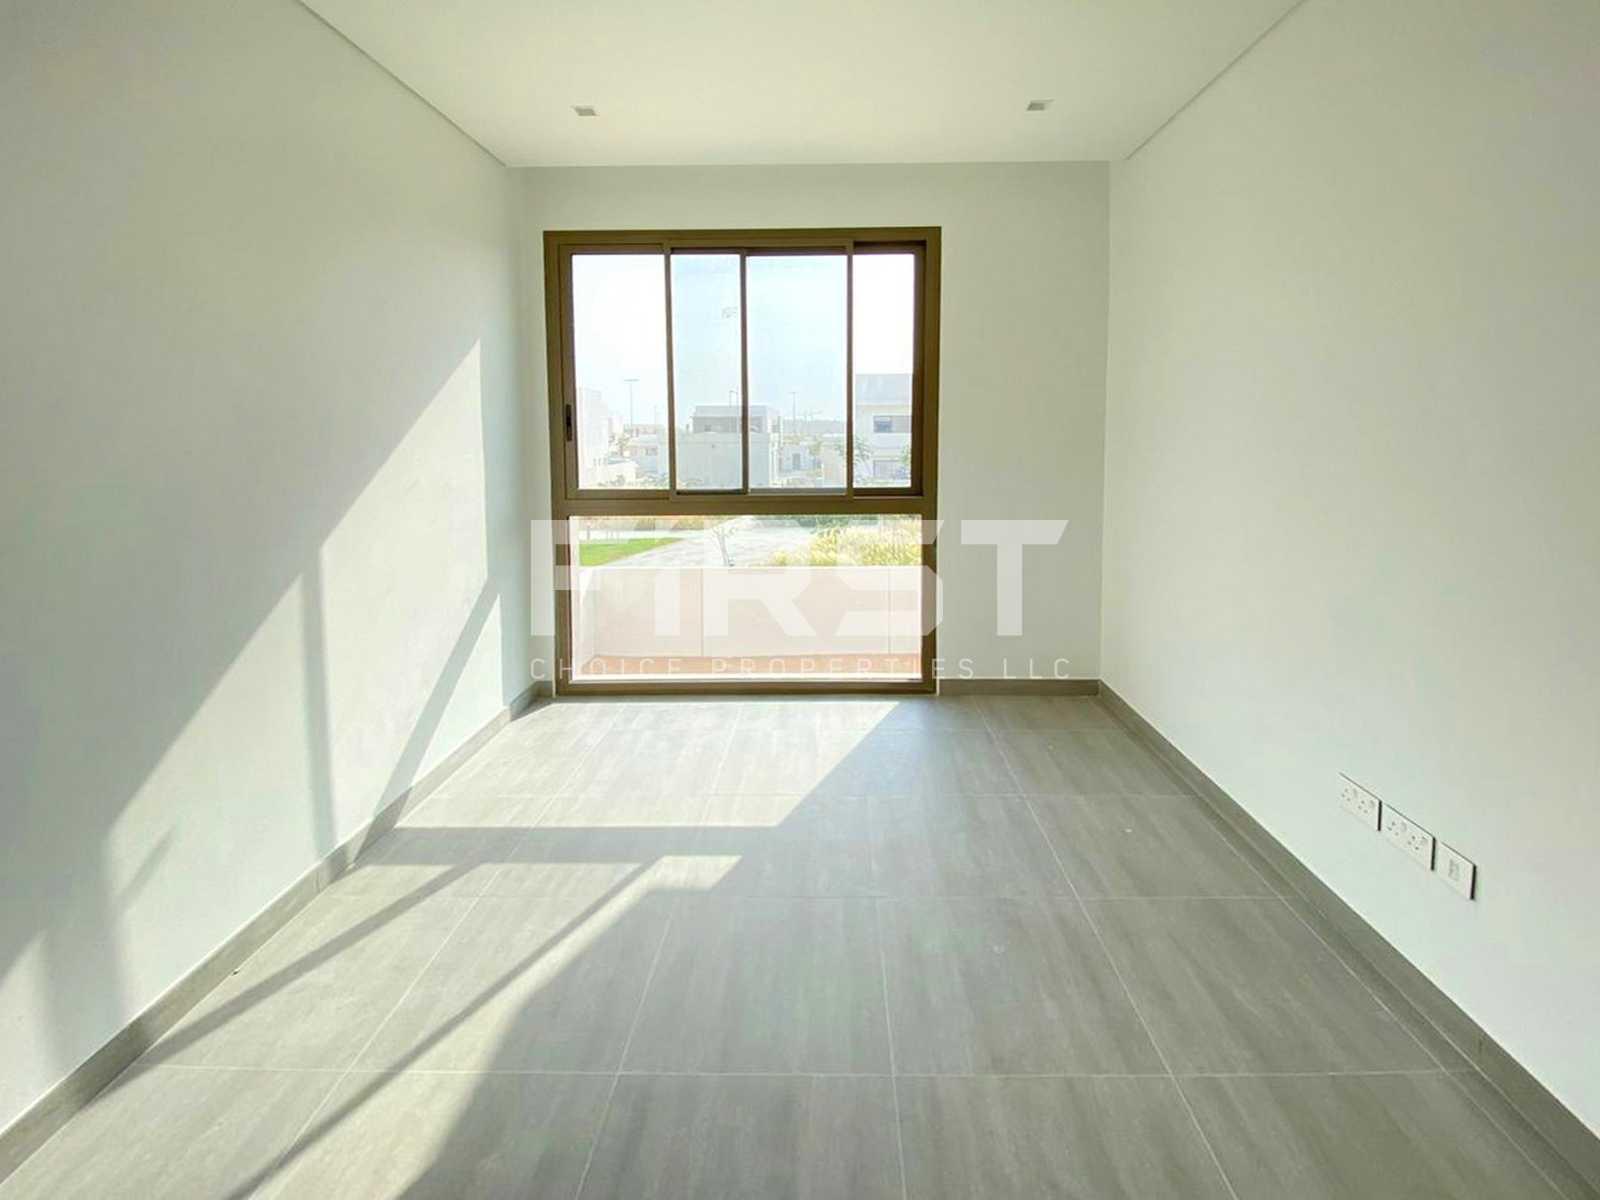 External Photo of 4 Bedroom Duplex Type 4Y in Yas Acres Yas Island AUH UAE (9).jpg